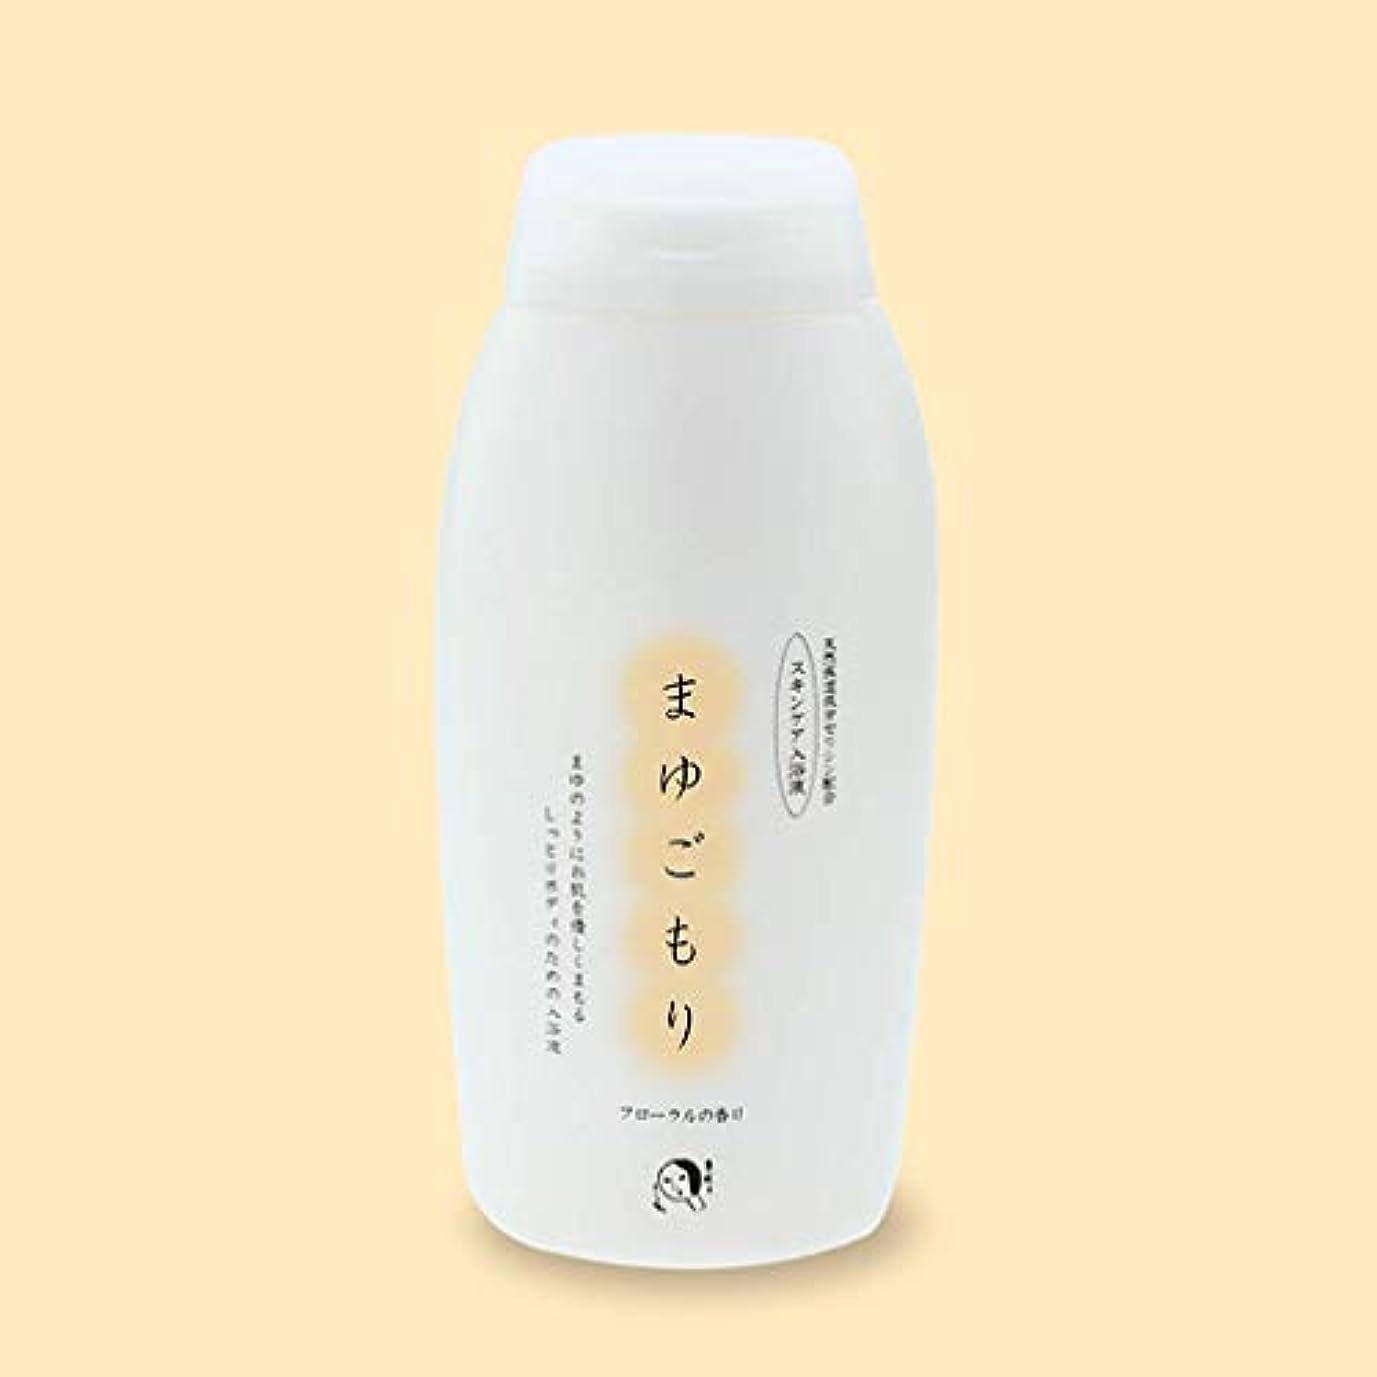 うがい薬混合生息地よーじや まゆごもり入浴液(ボトルタイプ) 250ml(11回分)